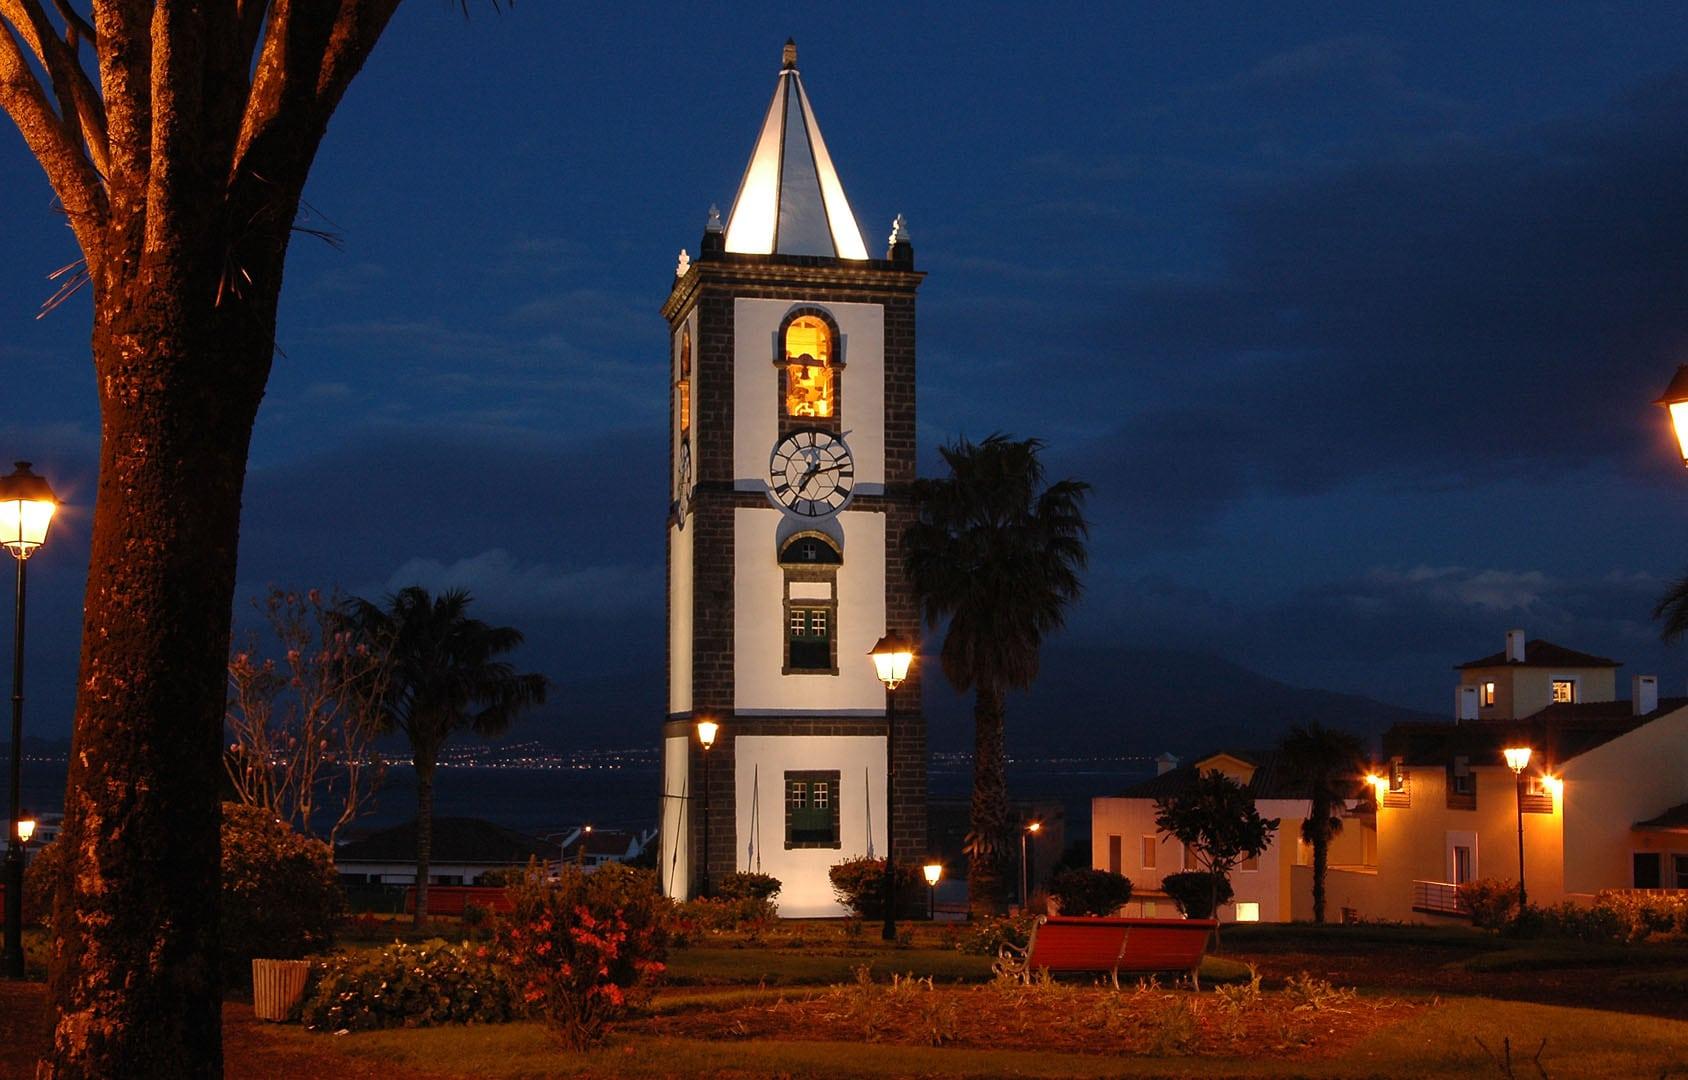 Torre do Relógio - Ilha do Faial, Açores